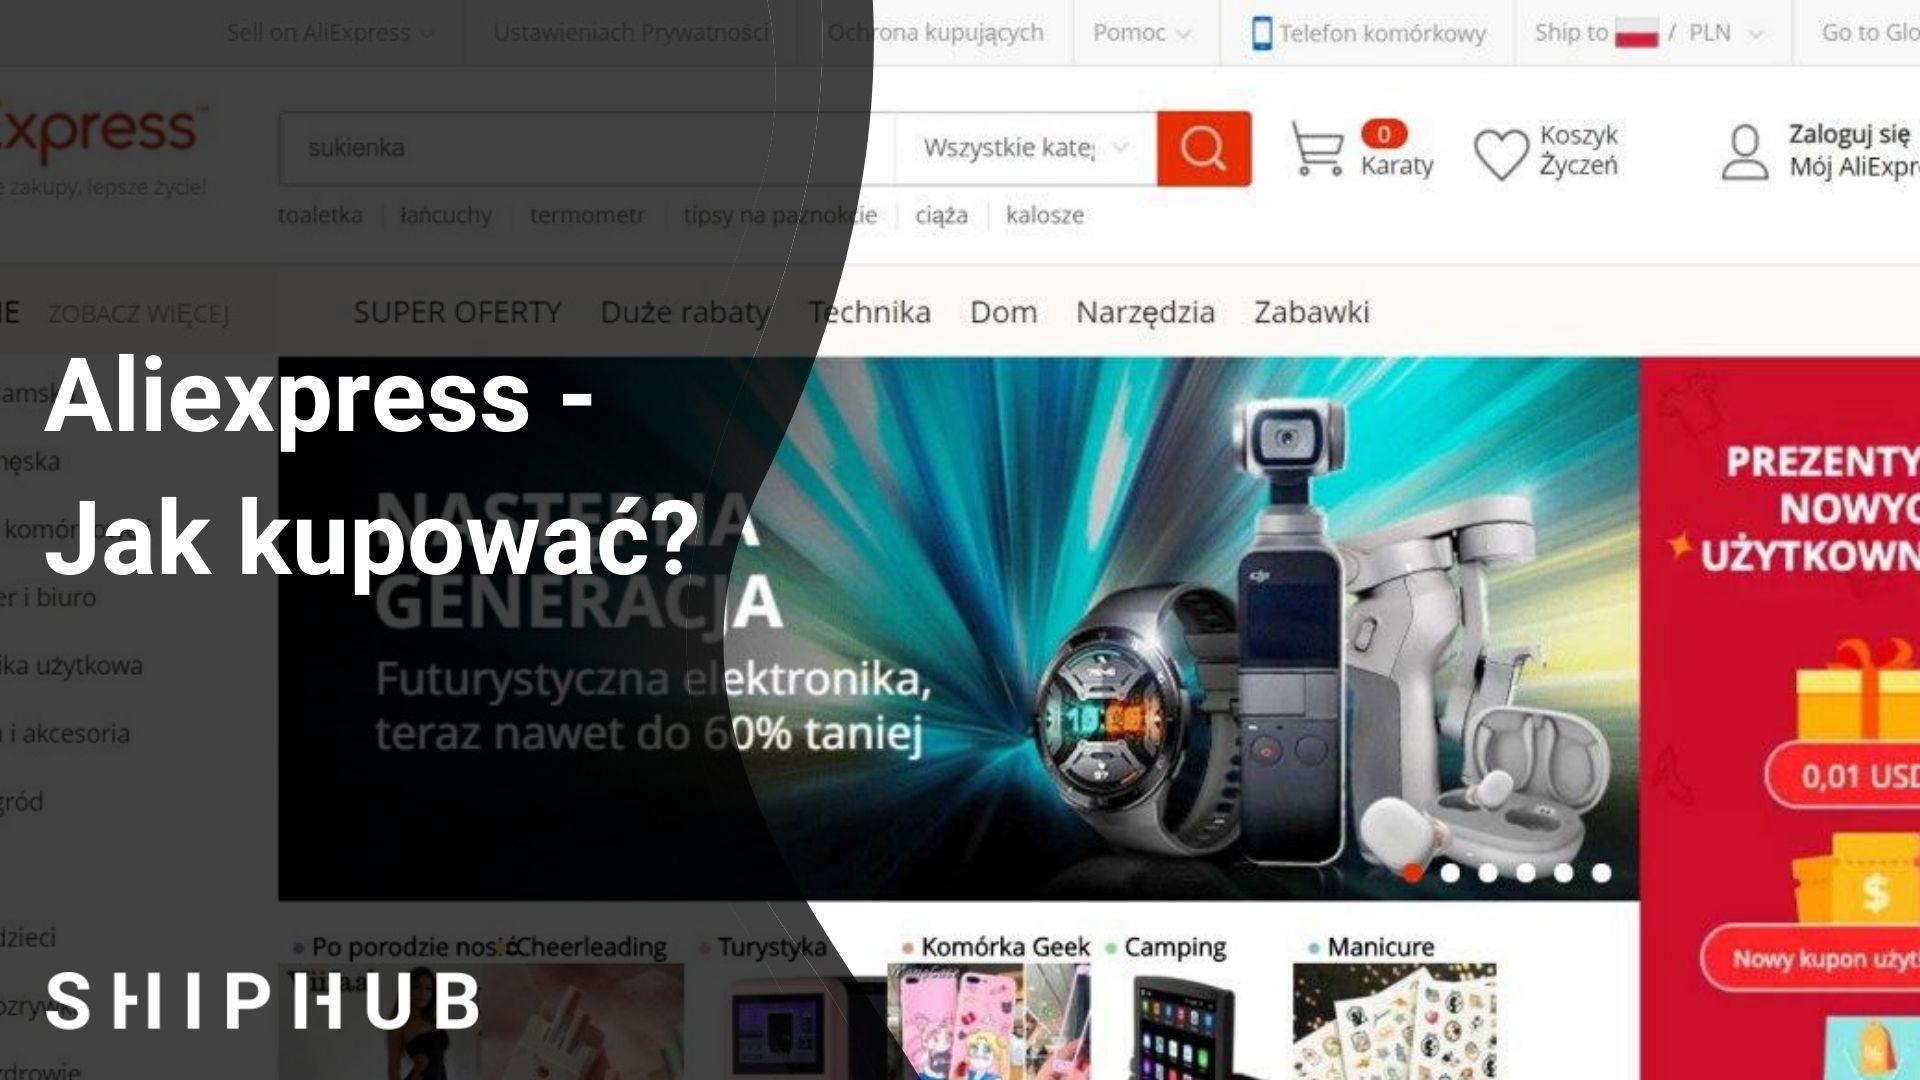 Aliexpress - Jak kupować?